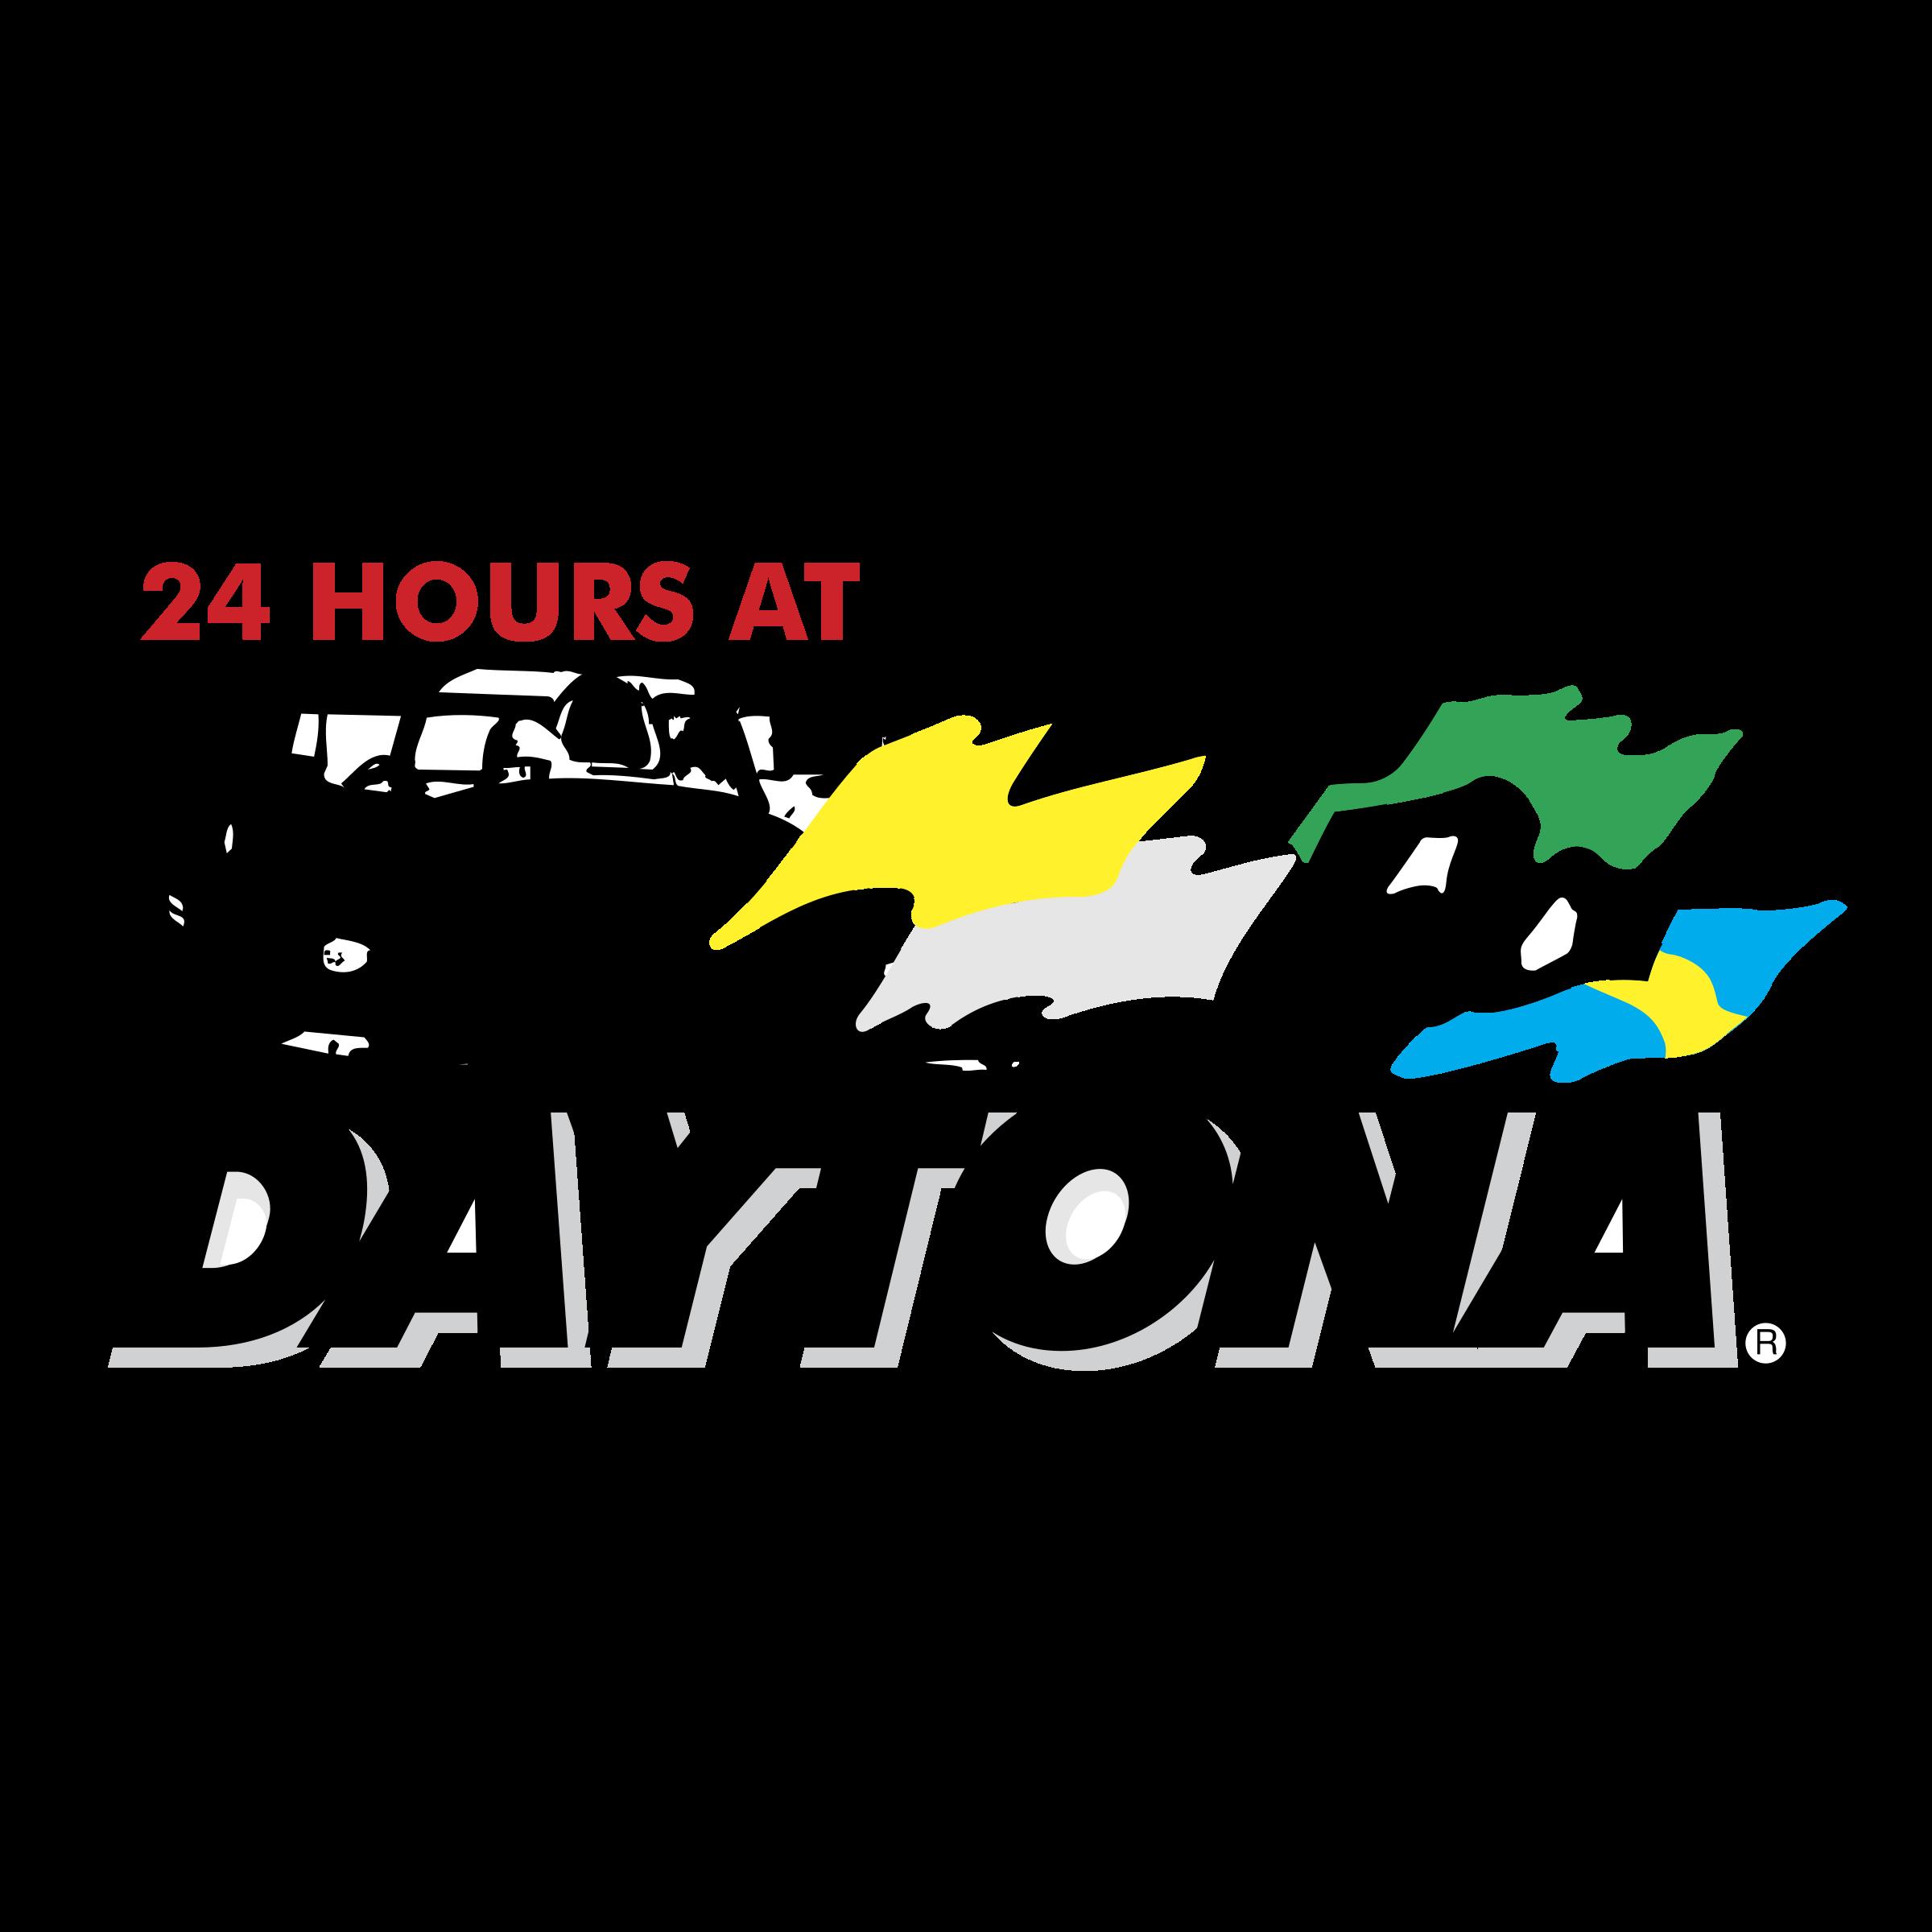 Daytona 24 Hours Logo PNG Transparent & SVG Vector.